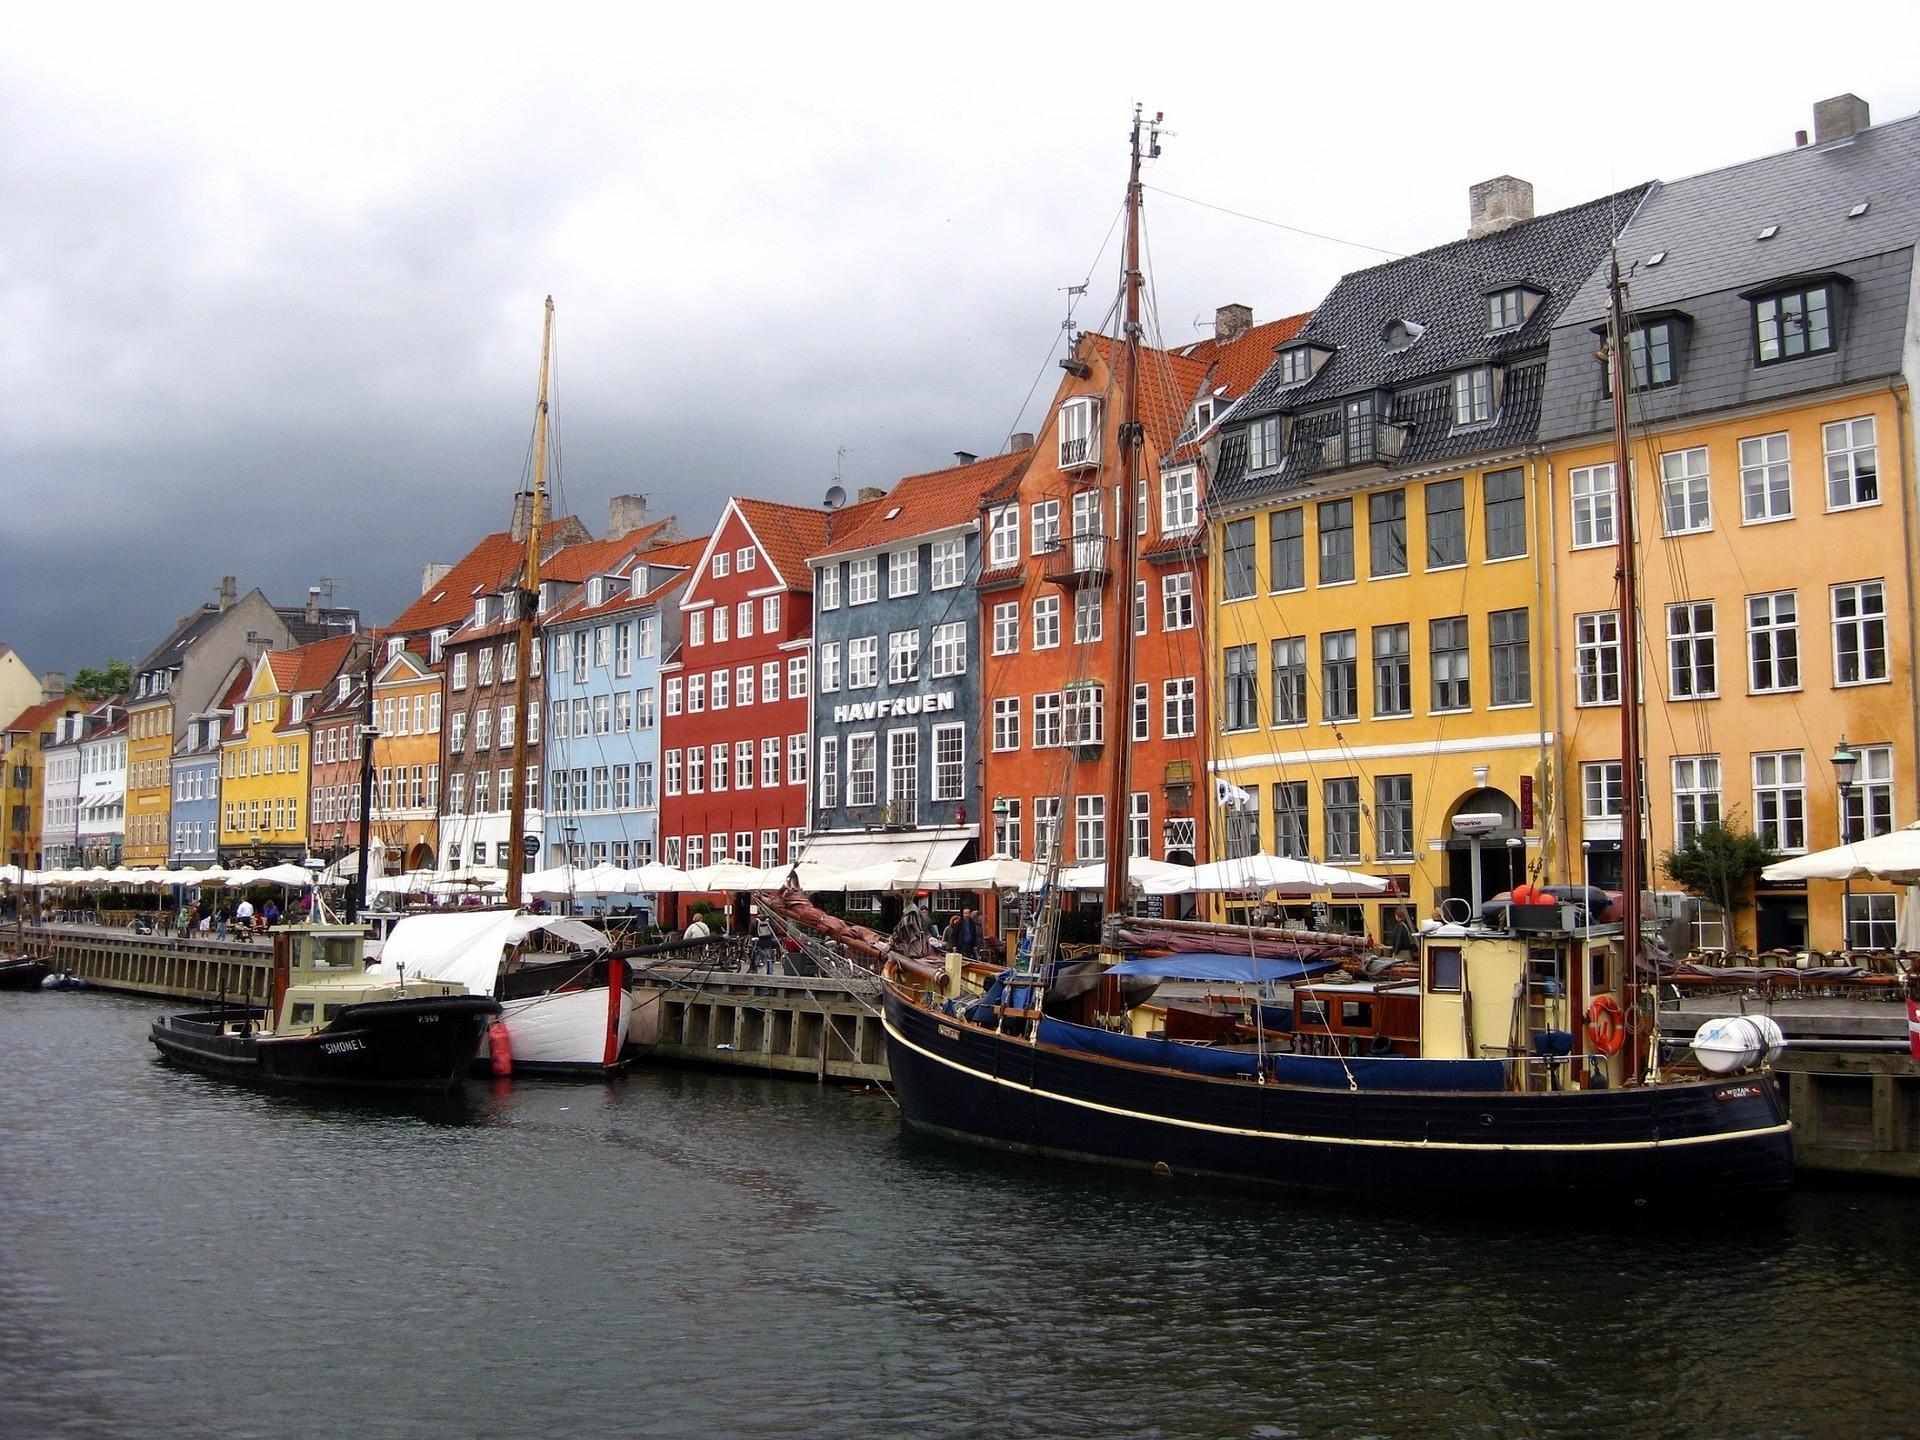 Mi experiencia en Roskilde, Dinamarca por Josefine